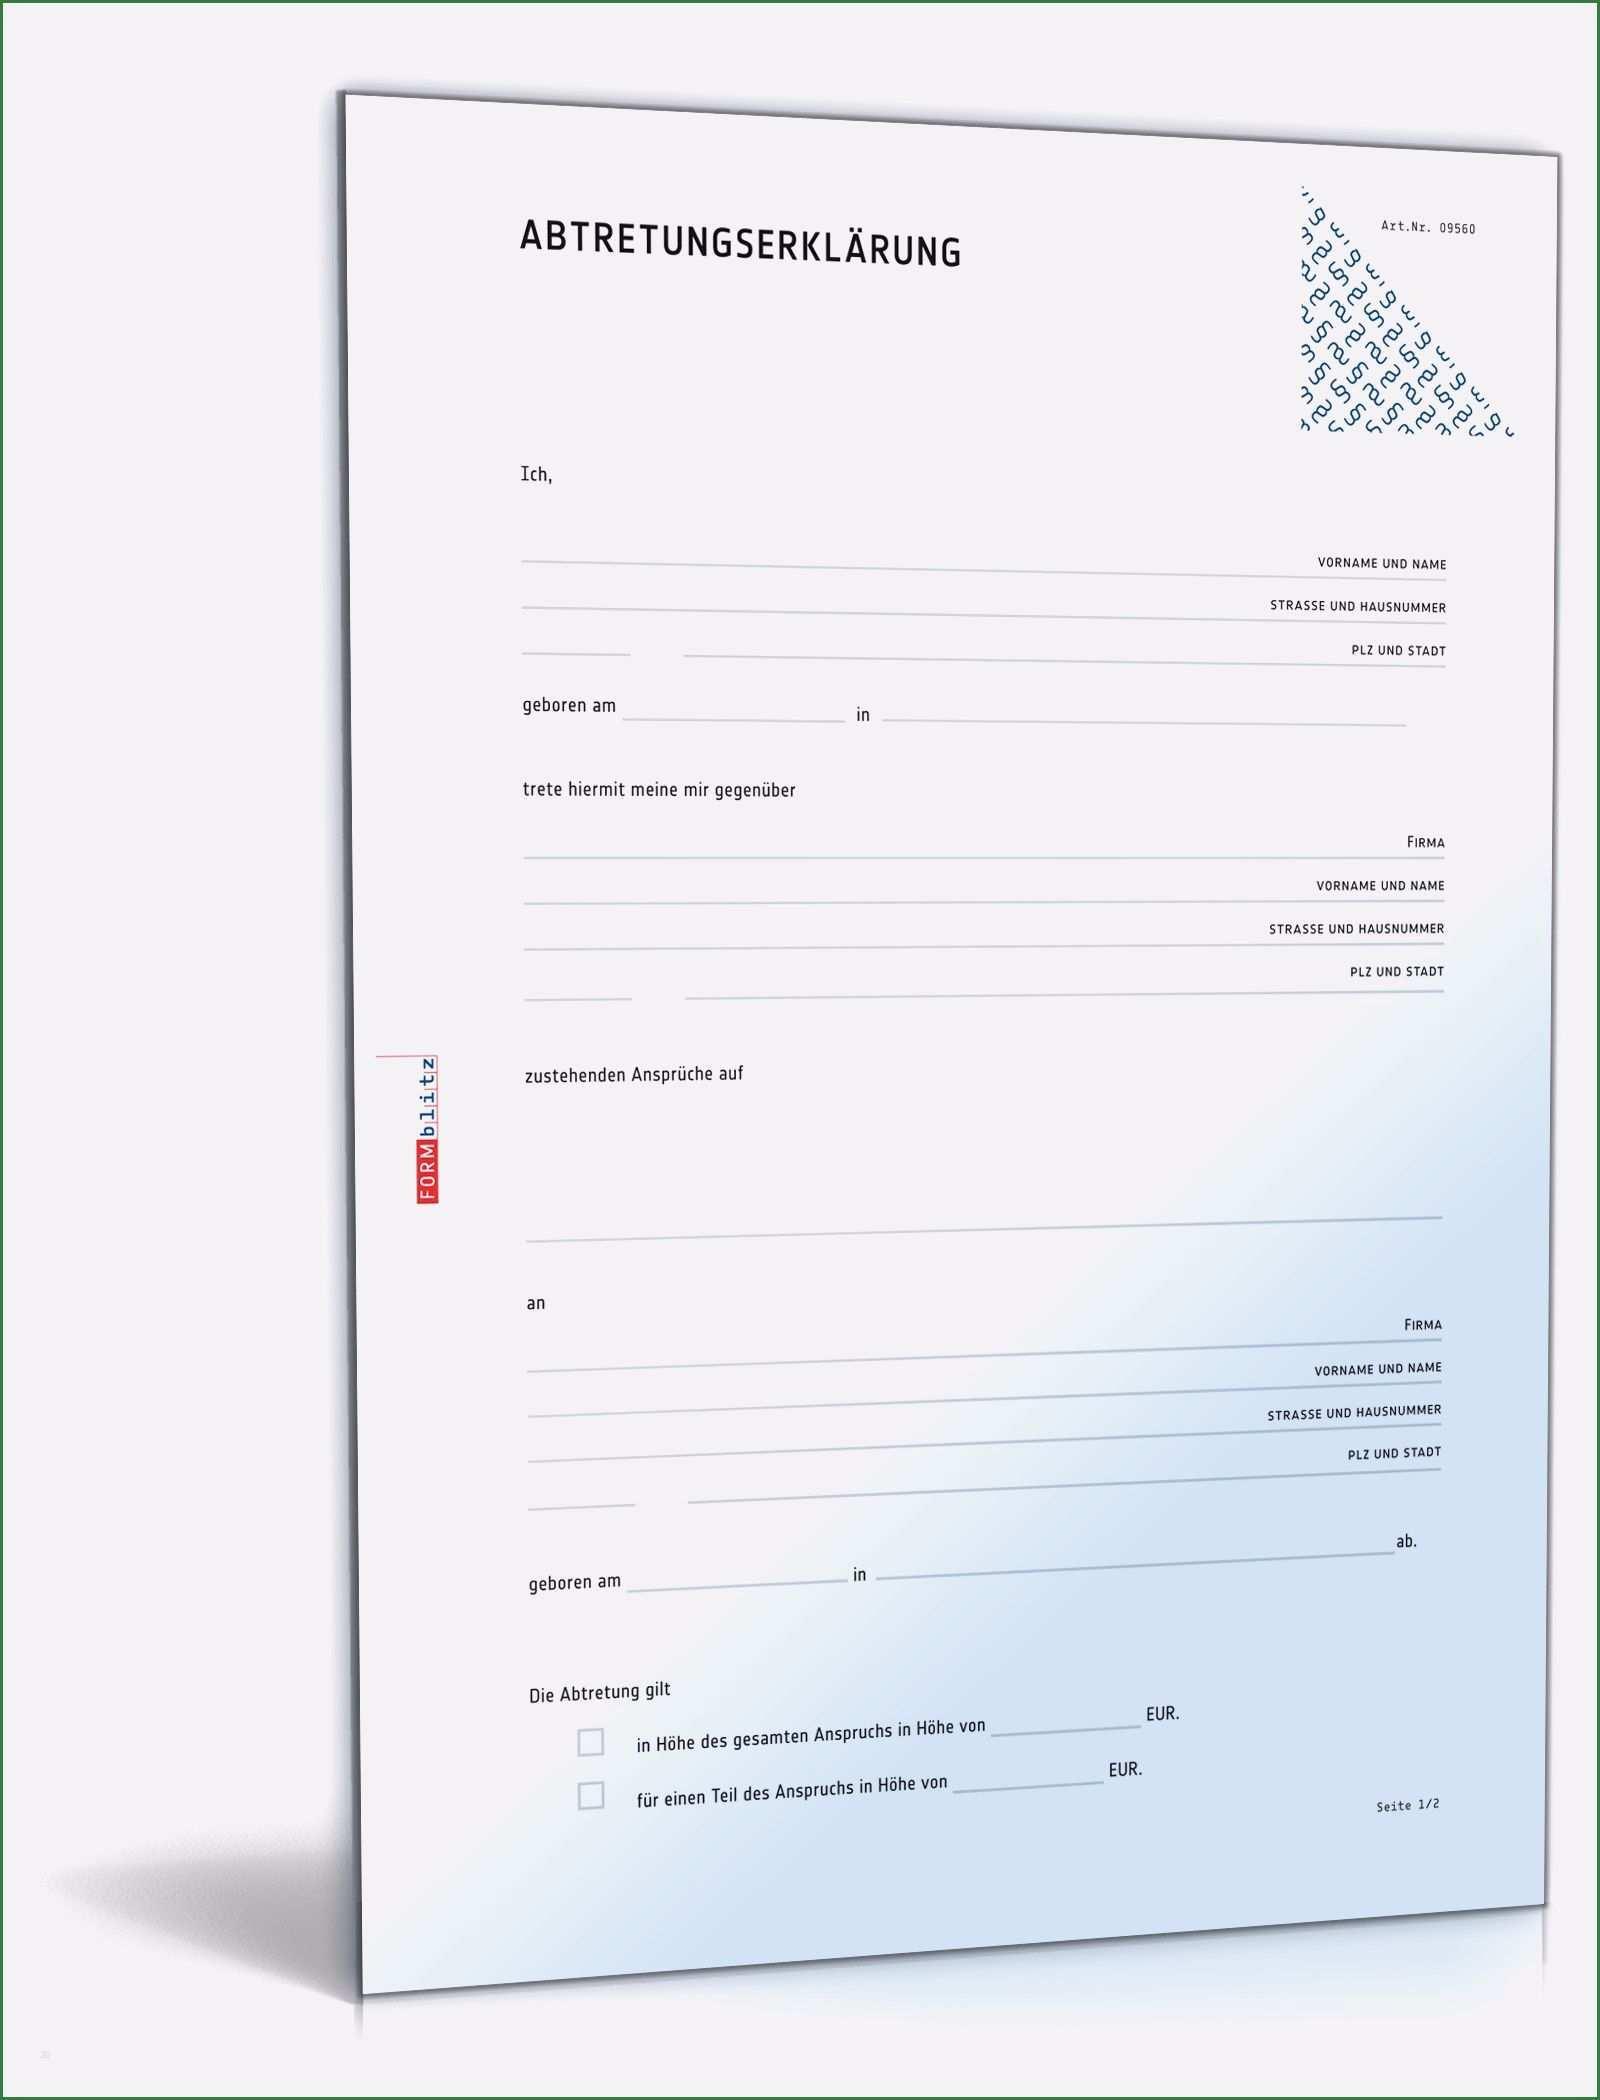 Astonishing Vorlage Abtretungserklarung Kfz Versicherung In 2020 Lebenslauf Layout Lebenslauf Format Kreativer Lebenslauf